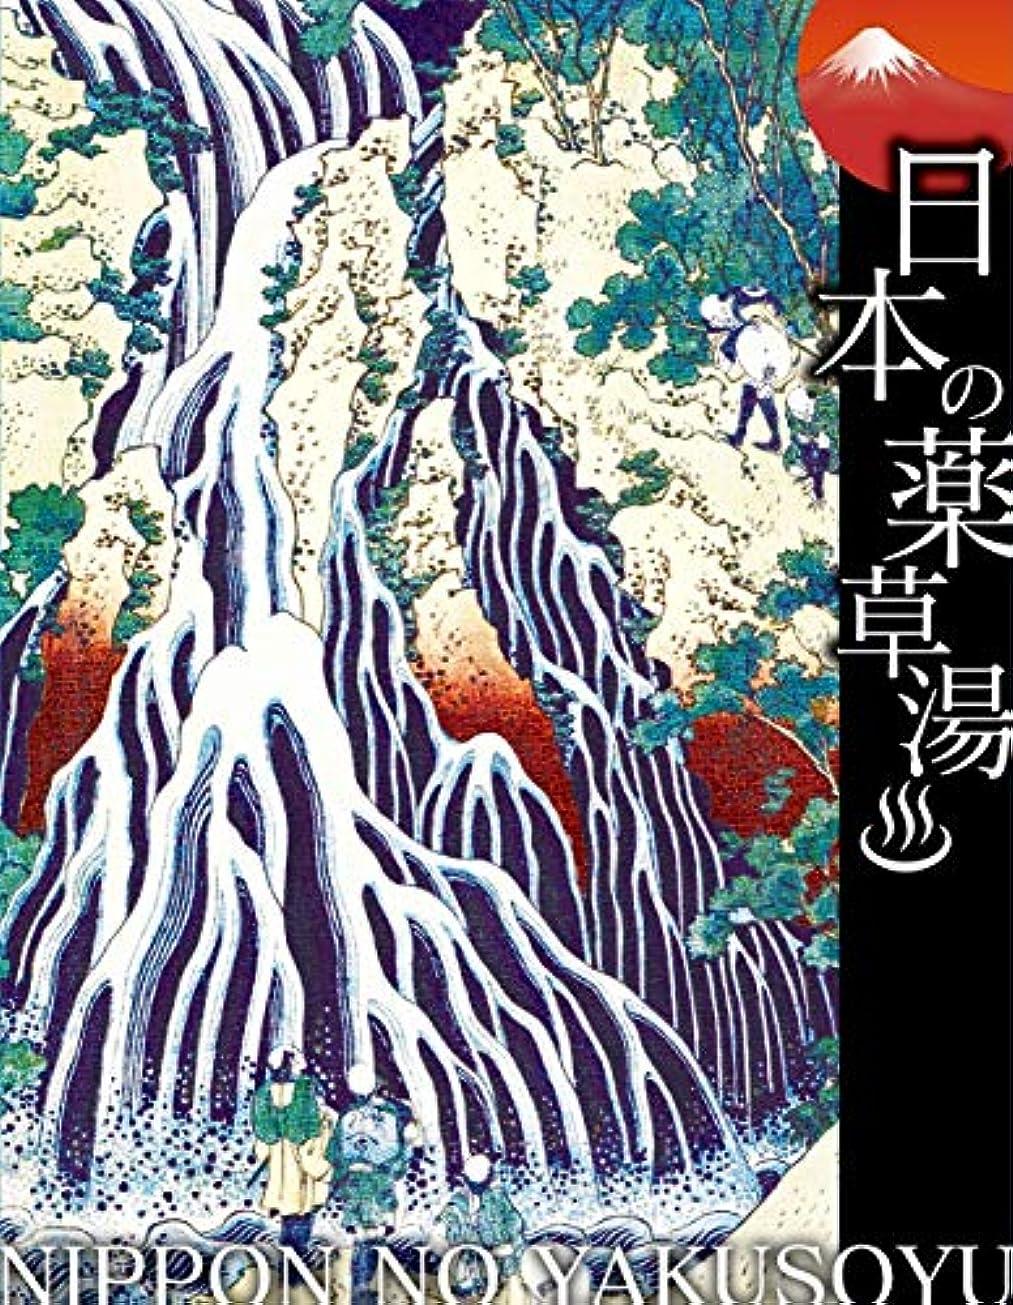 日本の薬草湯 下野黒髪山きりふきの滝(諸国瀧廻り)